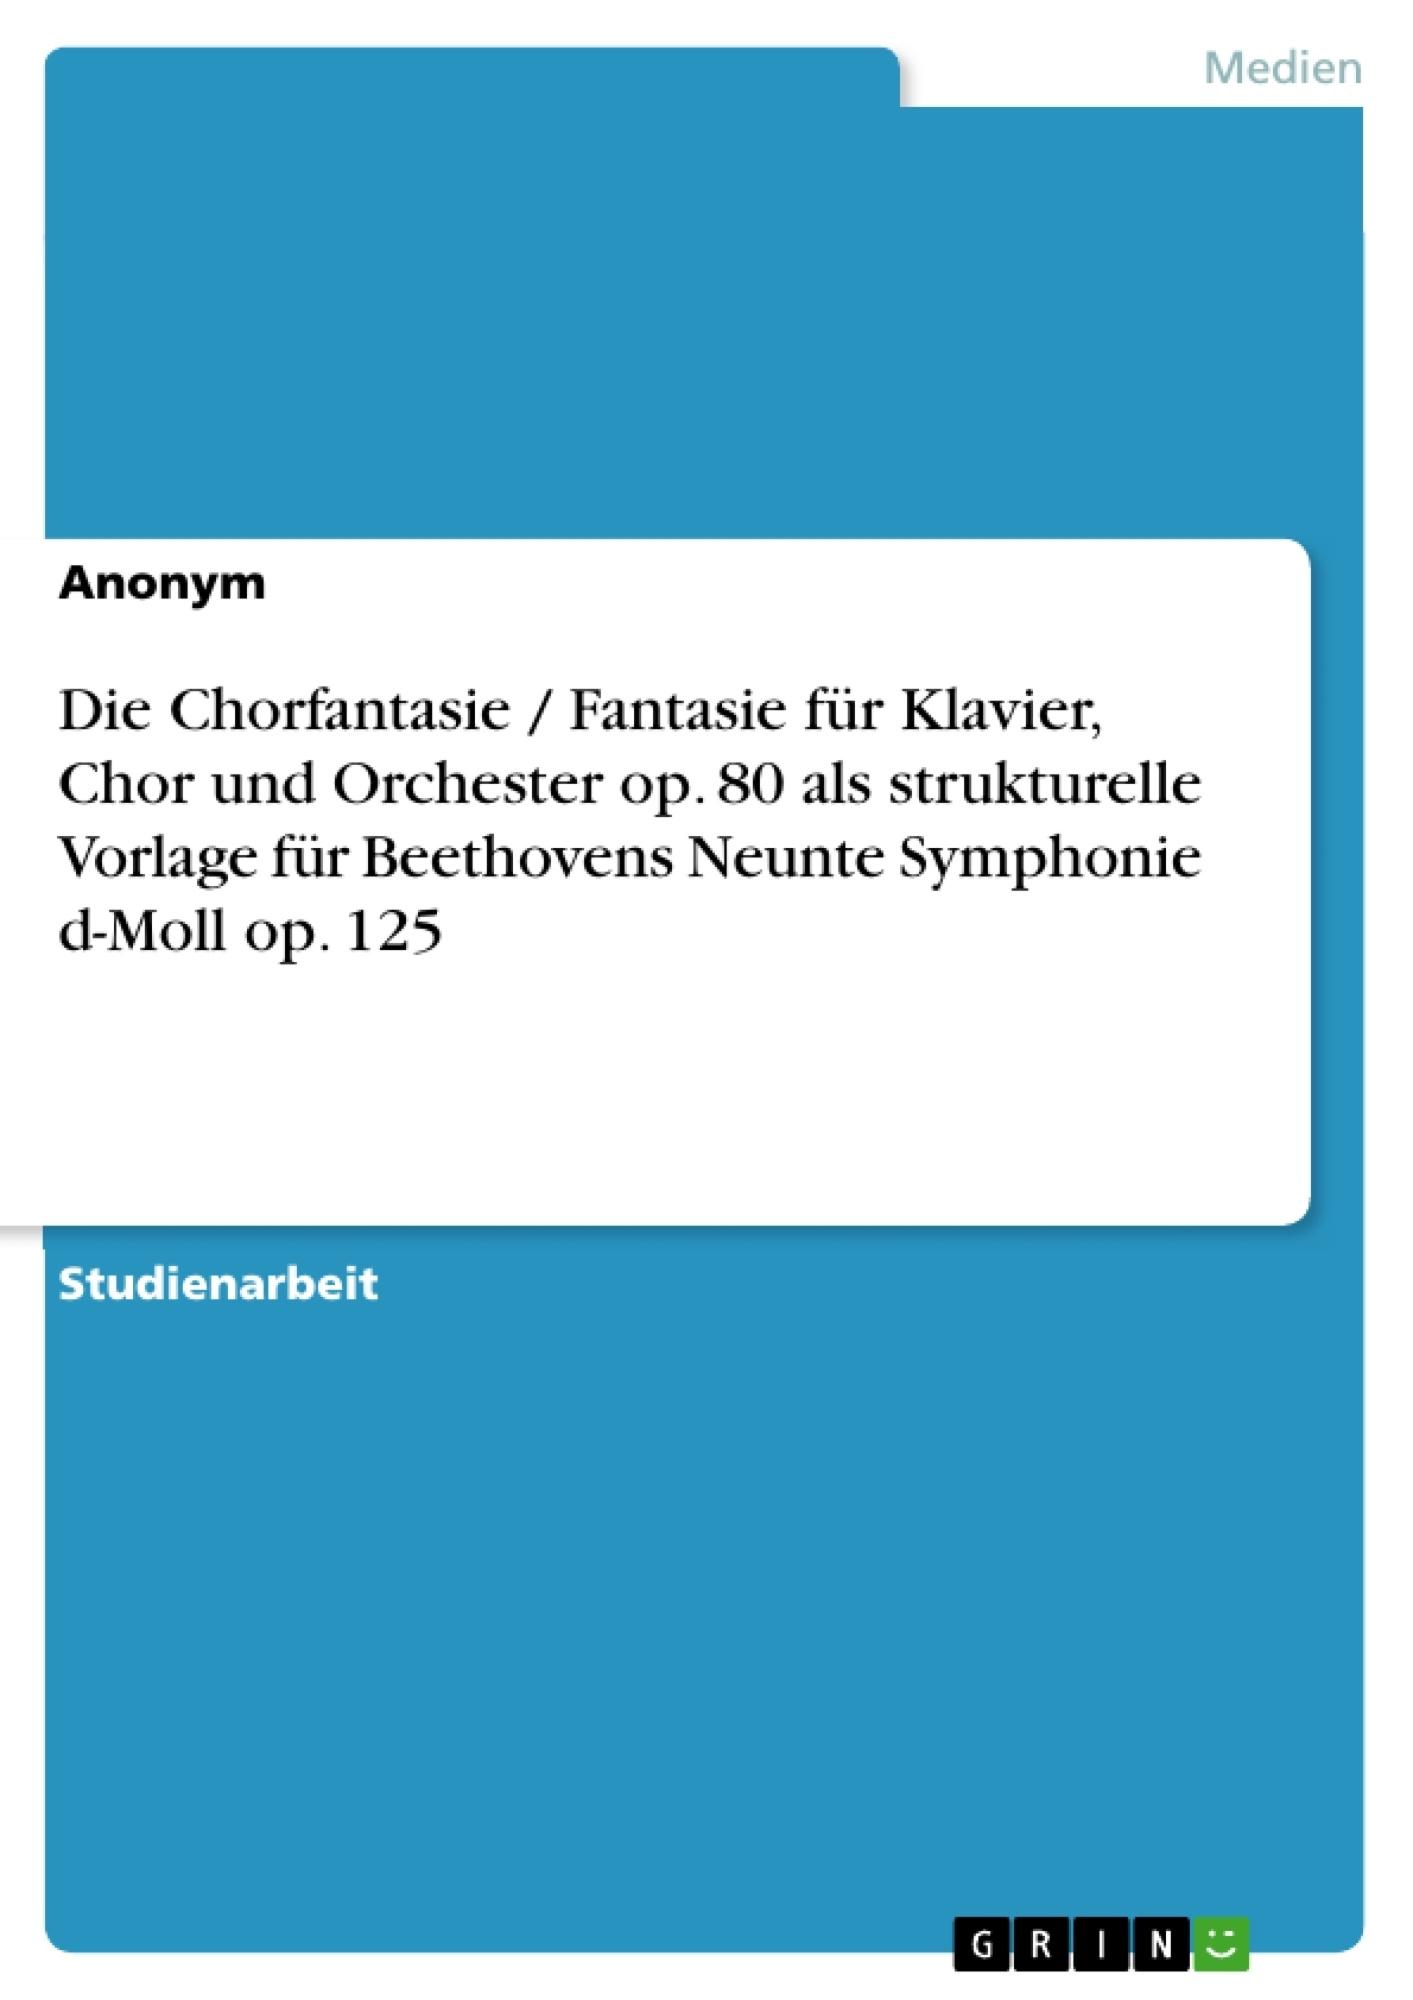 Titel: Die Chorfantasie / Fantasie für Klavier, Chor und Orchester op. 80 als strukturelle Vorlage für Beethovens Neunte Symphonie d-Moll op. 125